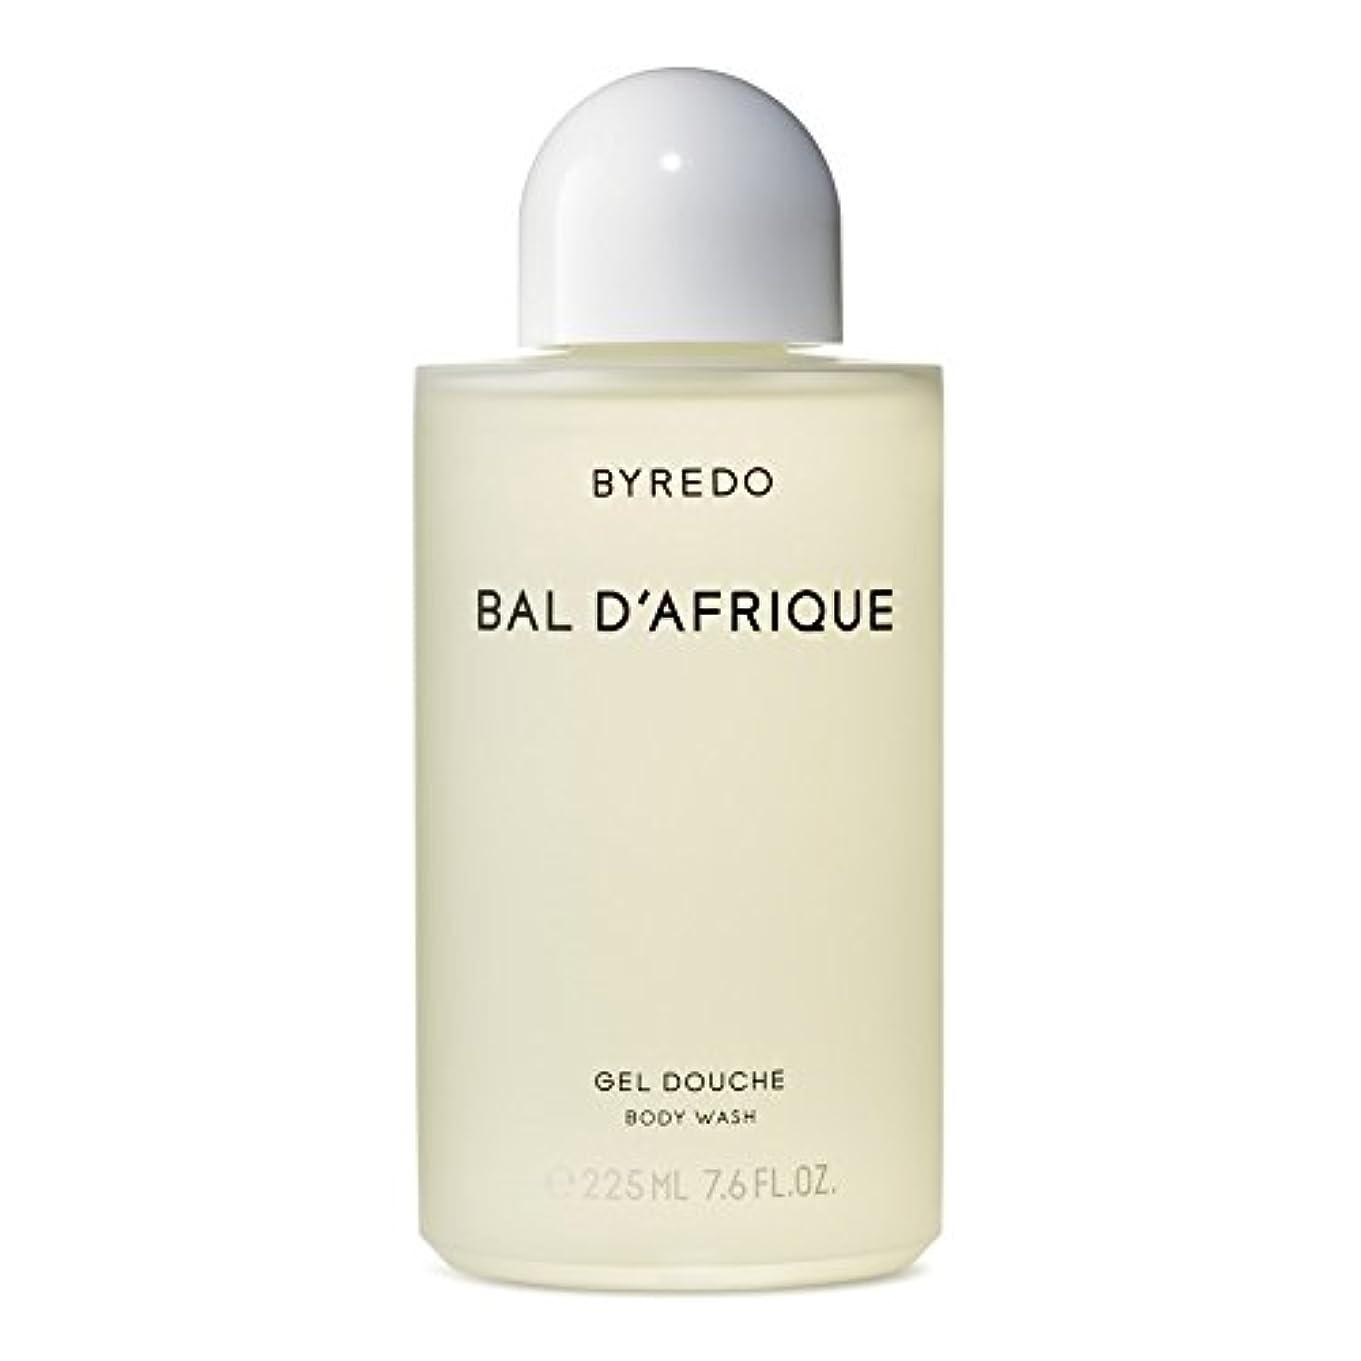 変色する拡大する早いByredo Bal d'Afrique Body Wash 225ml (Pack of 6) - 'のボディウォッシュ225ミリリットル x6 [並行輸入品]